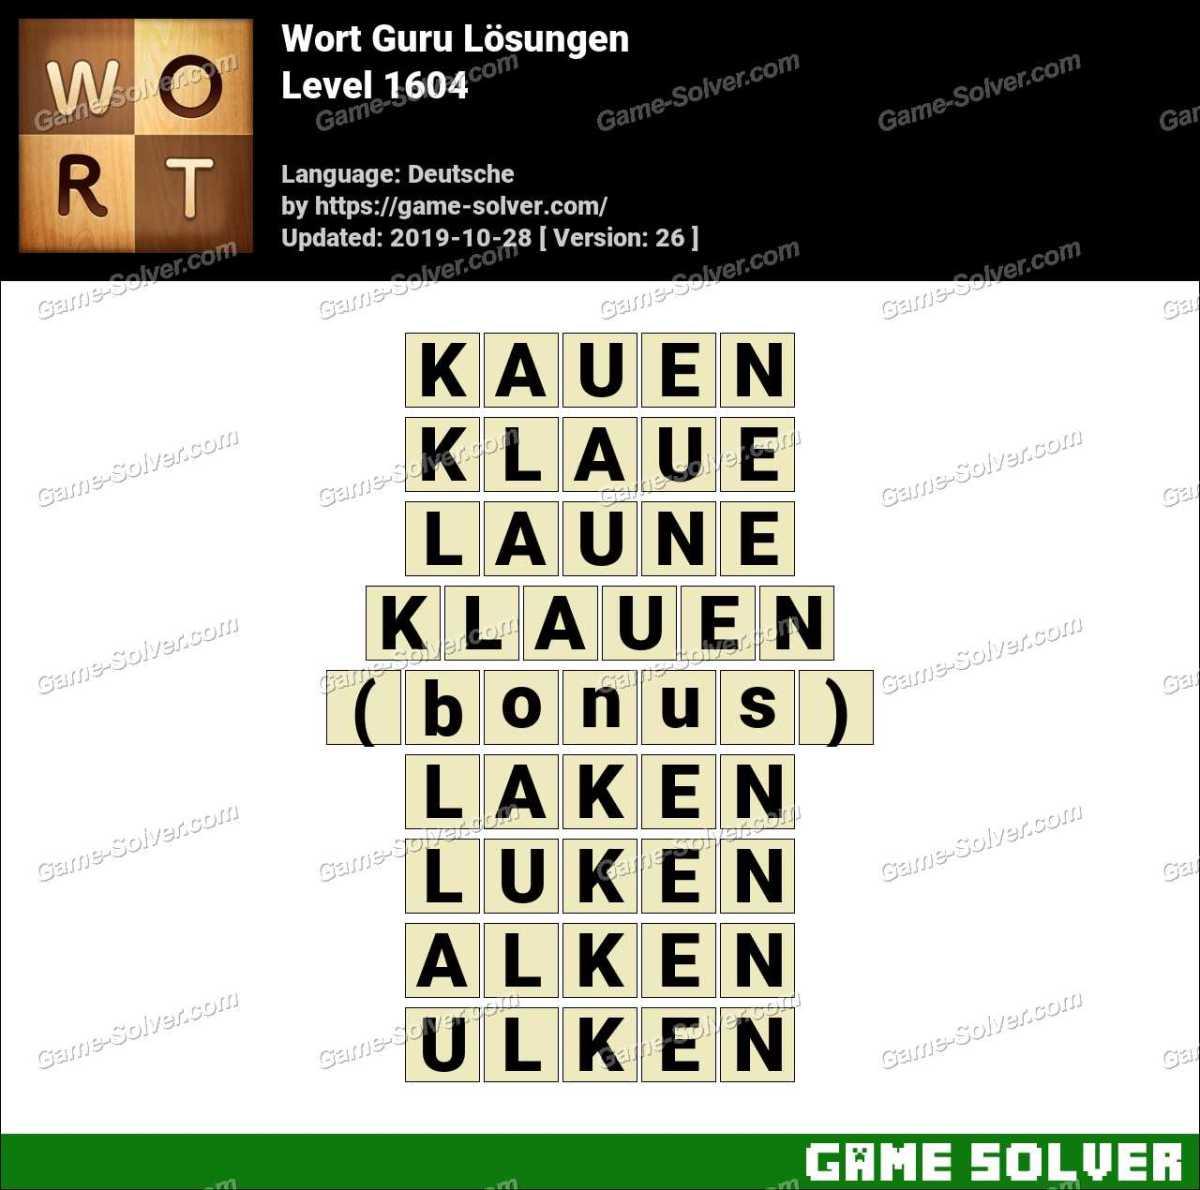 Wort Guru Level 1604 Lösungen